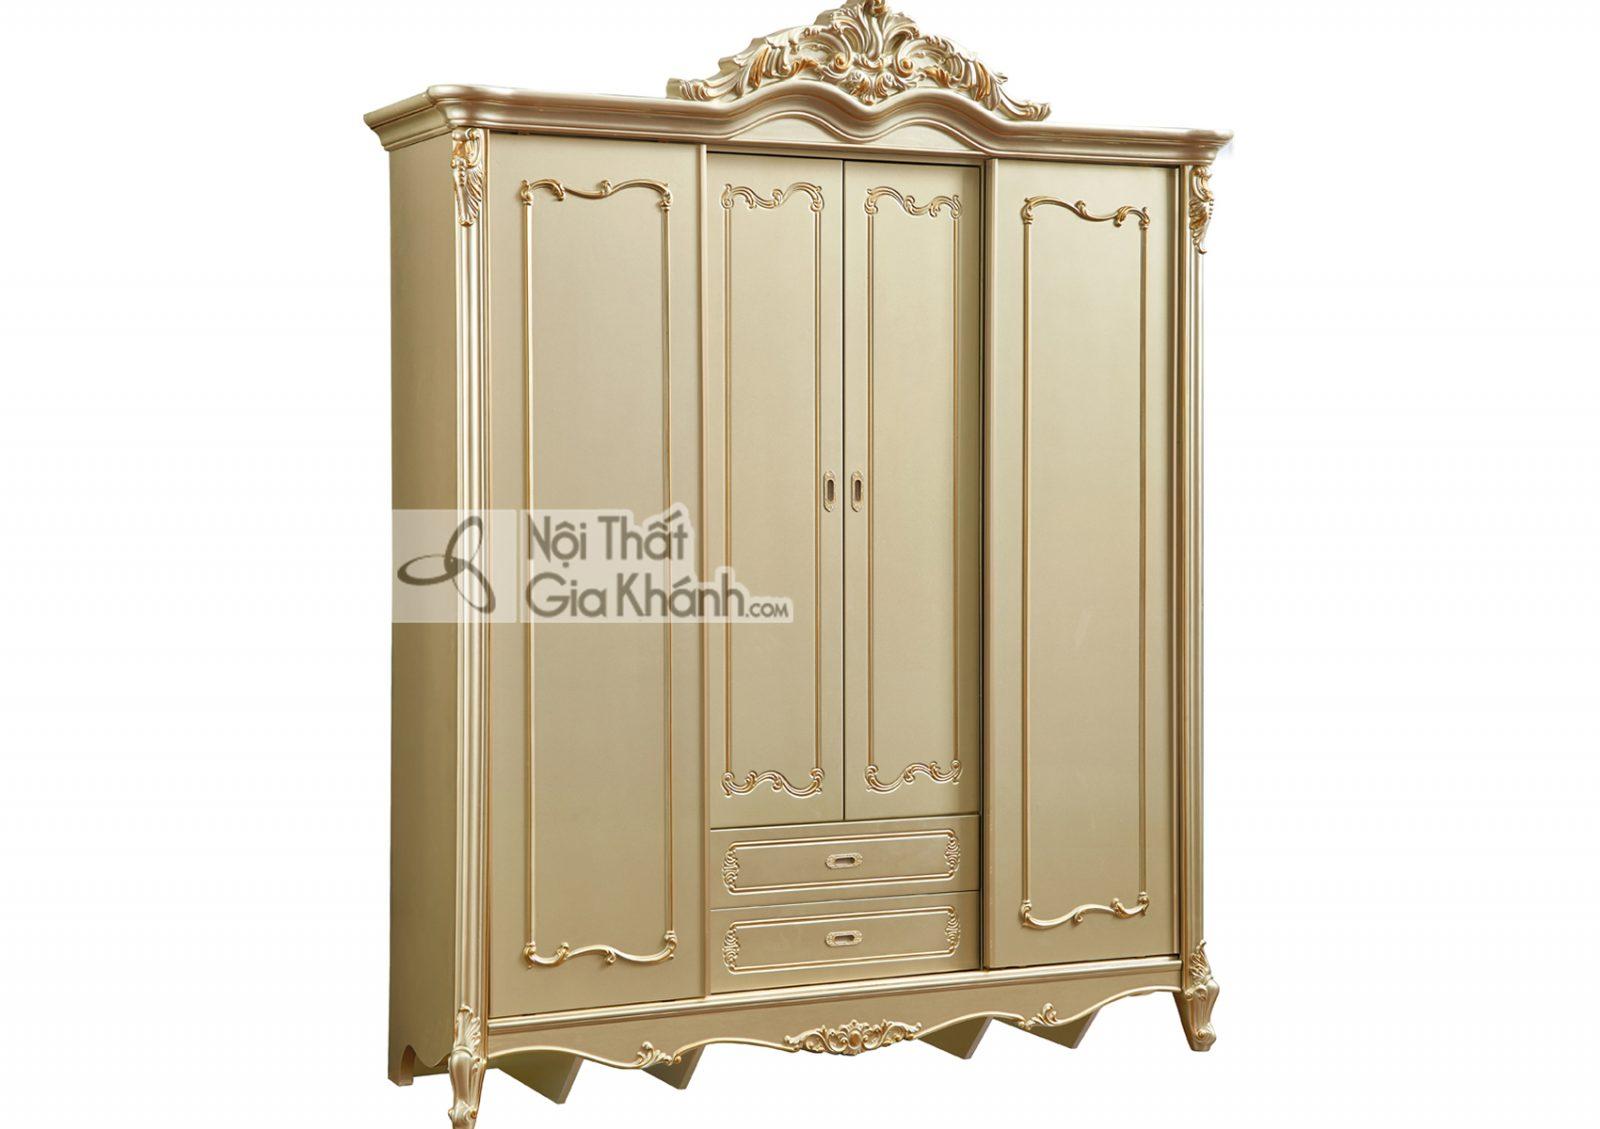 Tủ áo 2 cánh lùa + 2 cánh mở màu vàng rượu Sampanh TU8805A đậm chất hoa mỹ